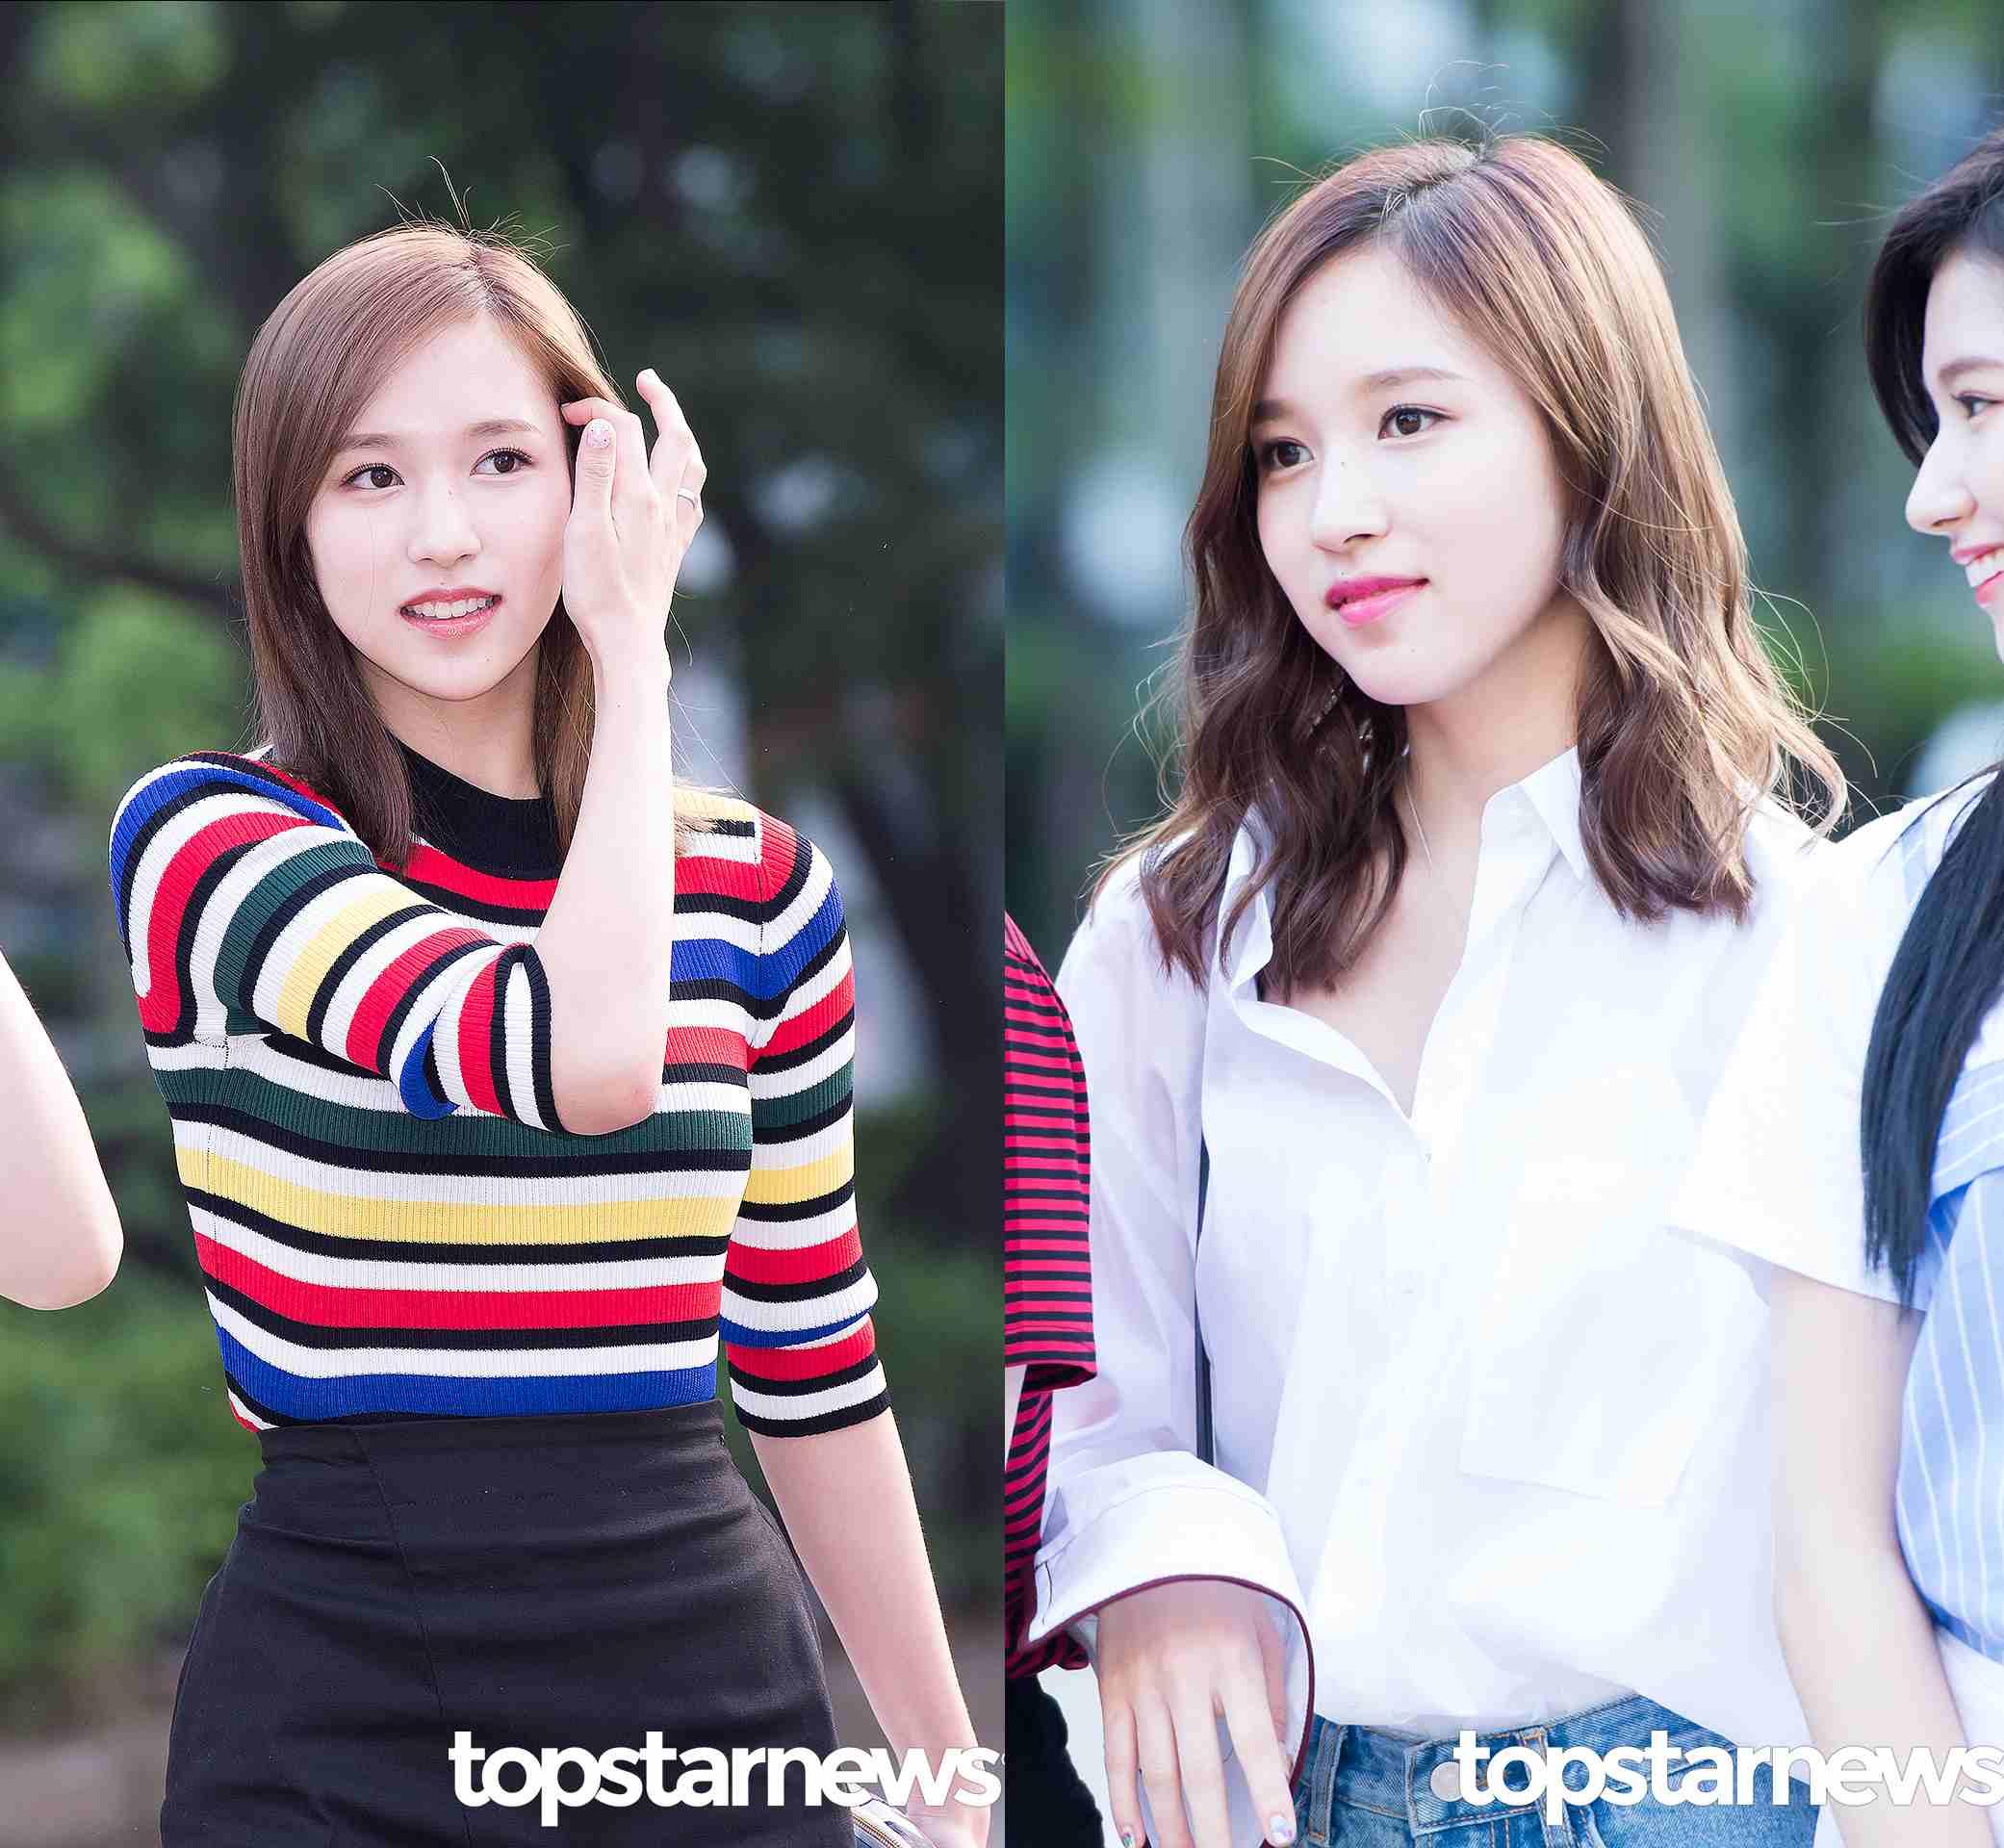 直髮 VS 捲髮 ,你更哪一種髮型的Mina?歡迎一起來留言討論。